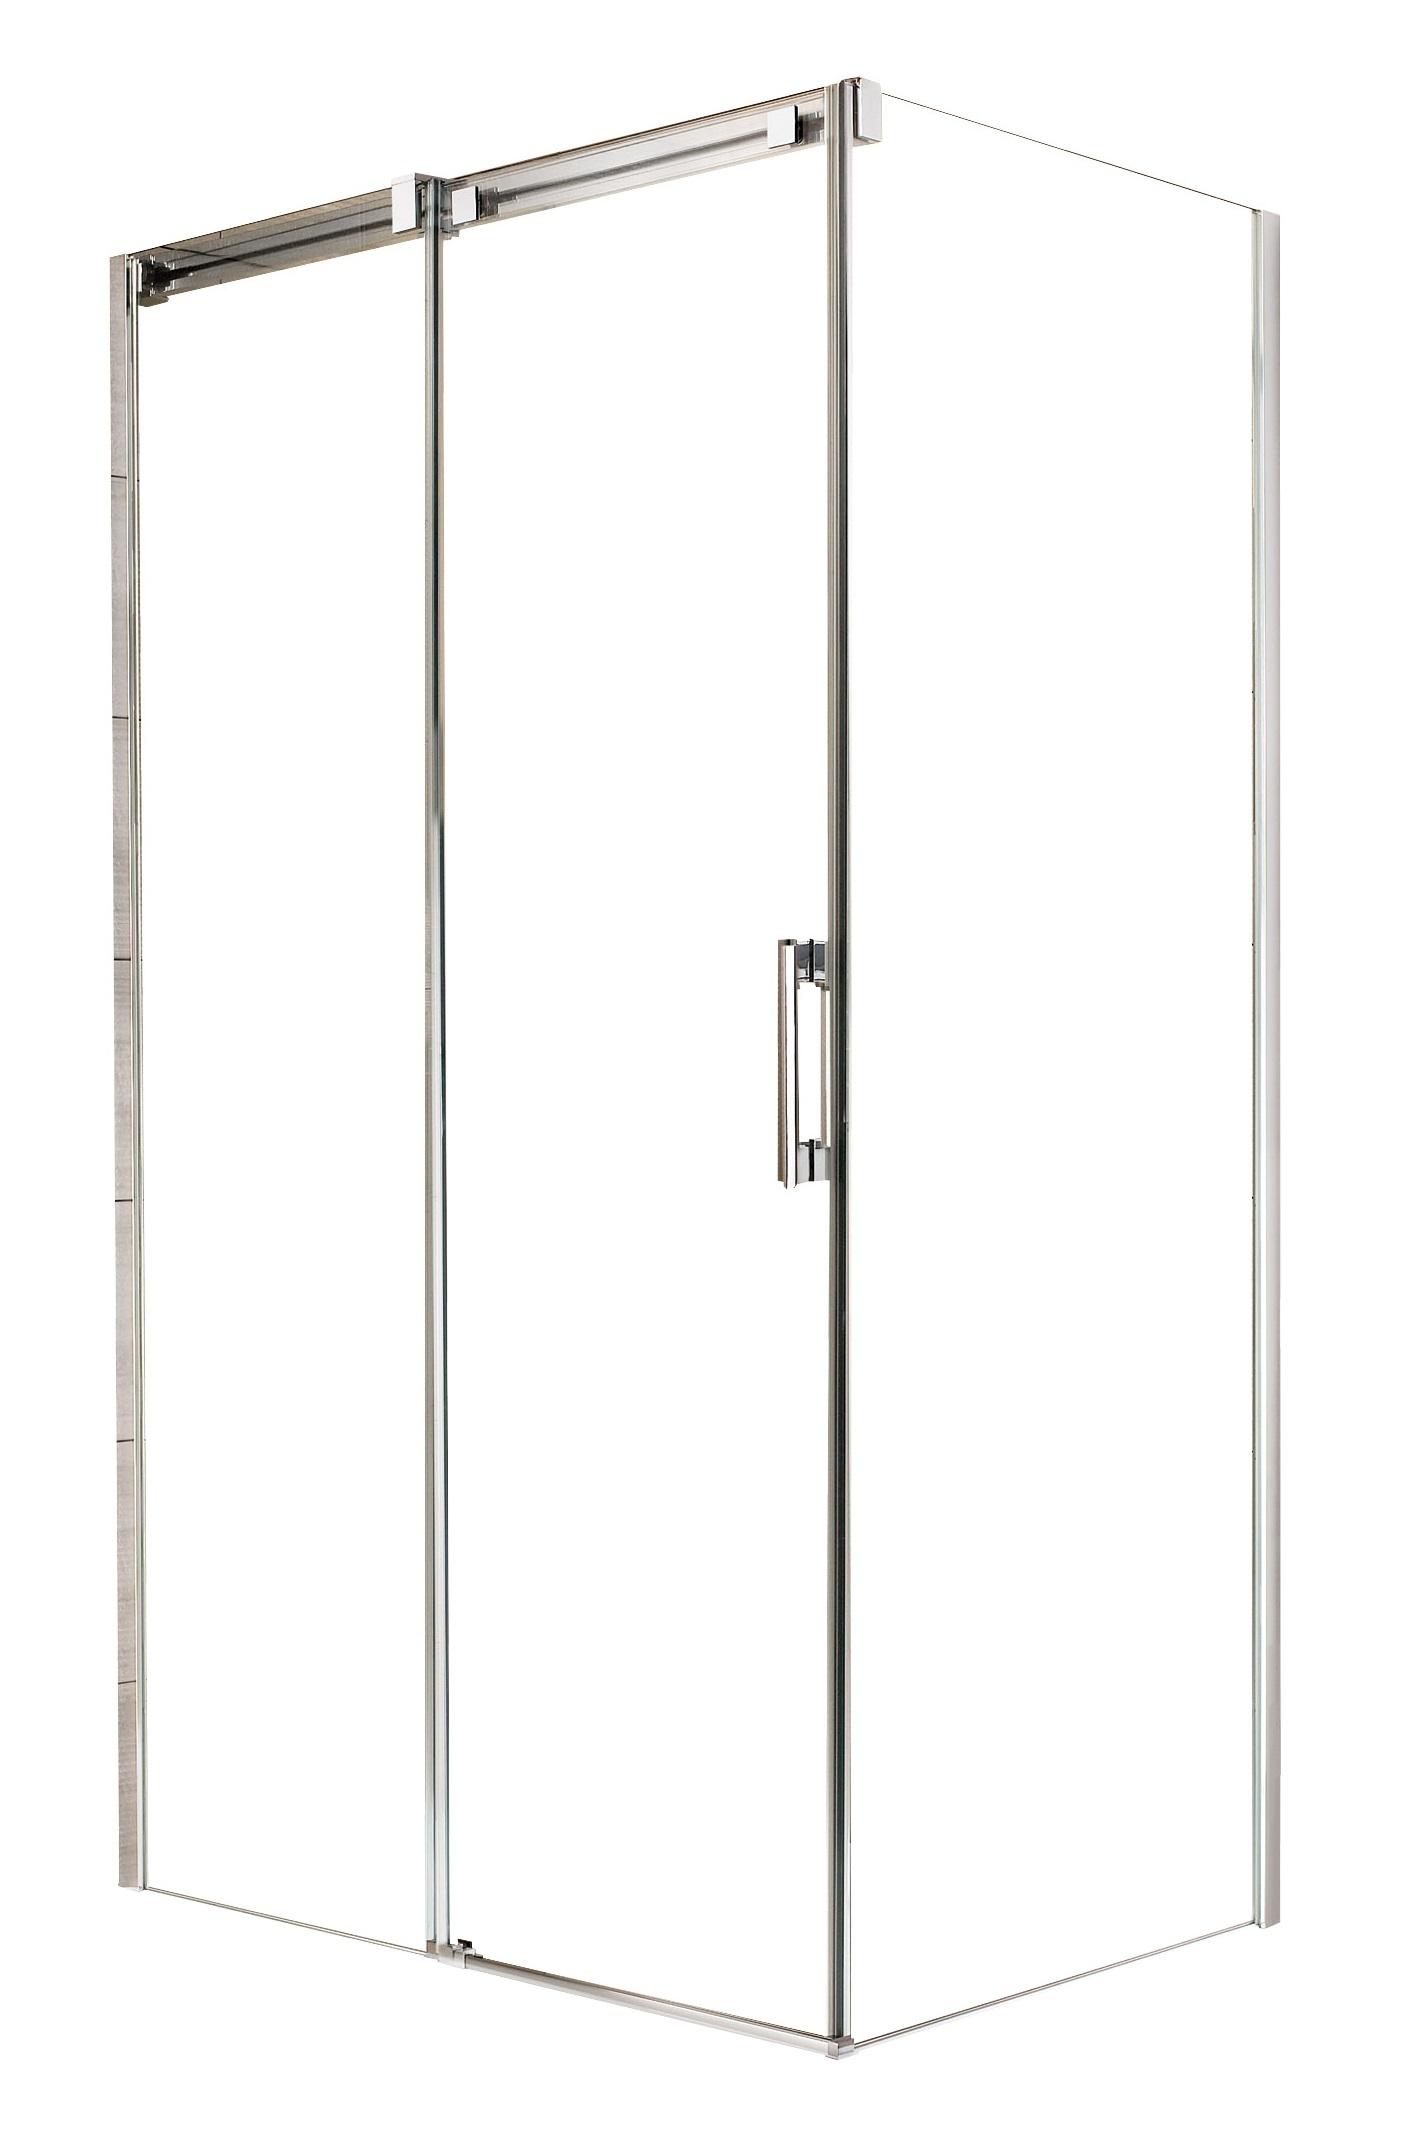 Sprcha Espera KDJ RADAWAY 120x80x200